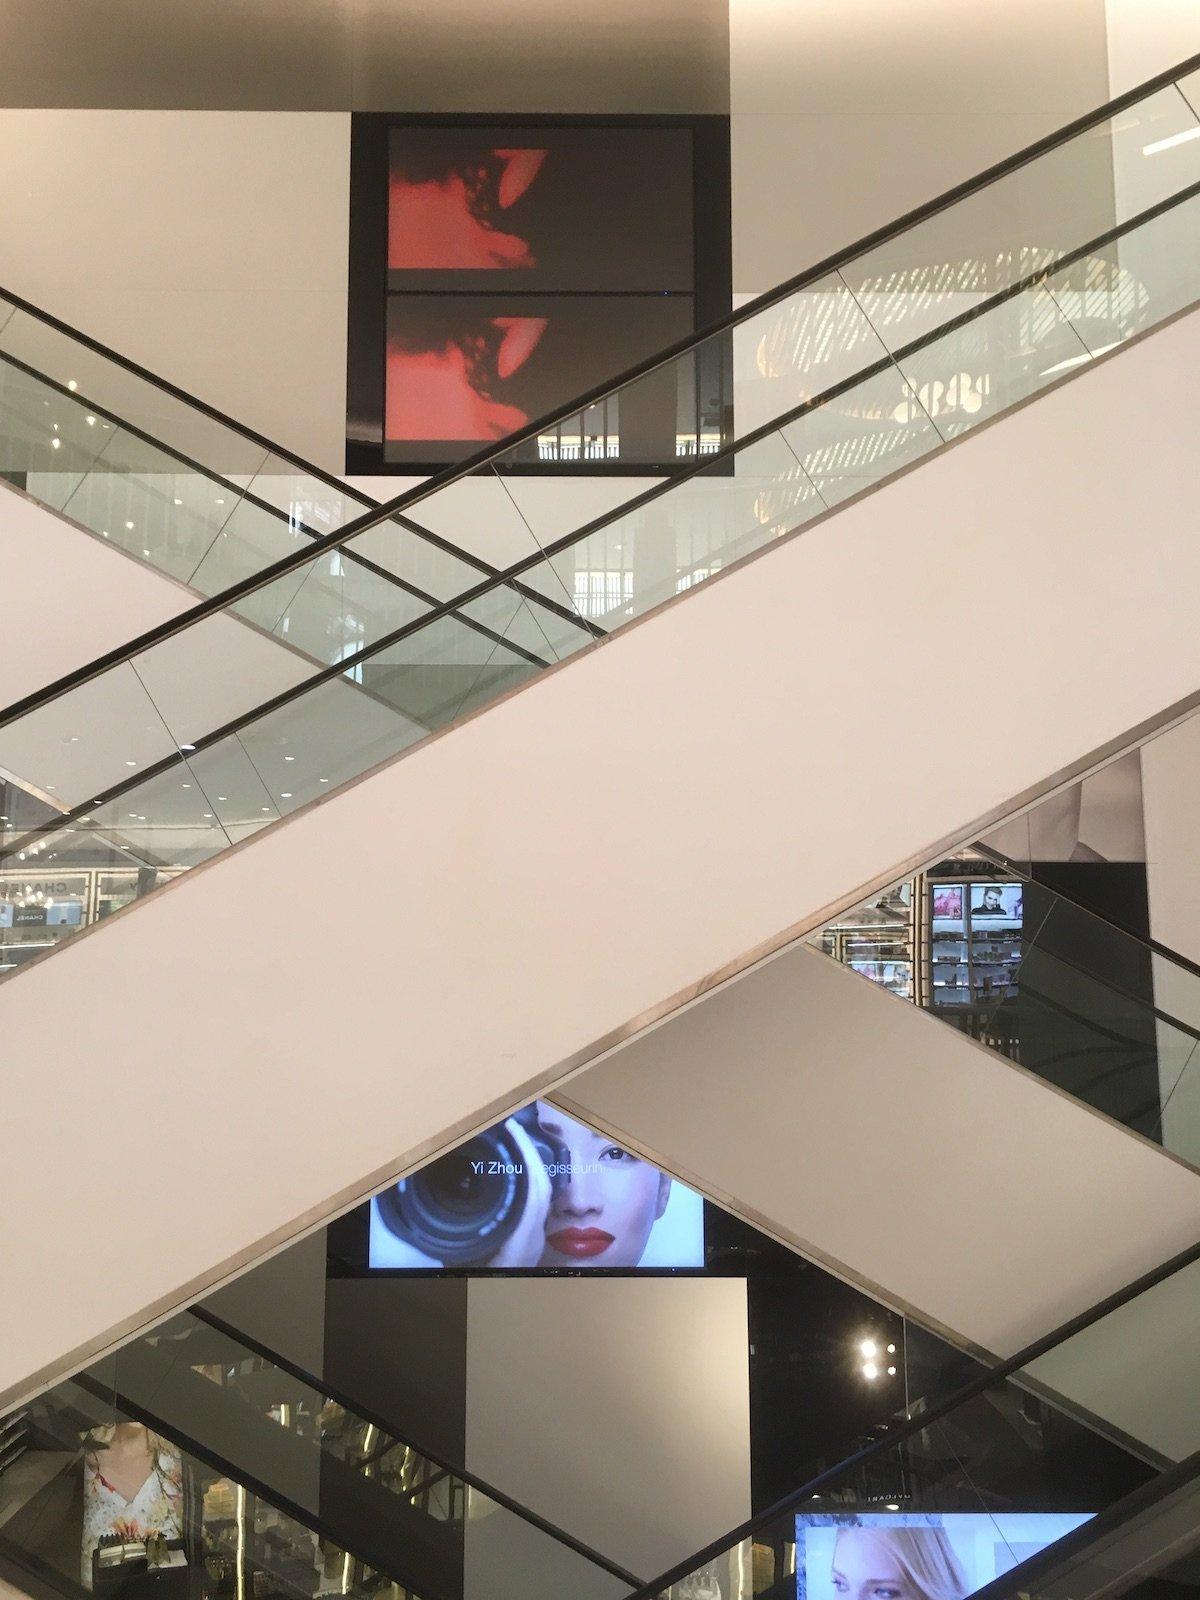 Durch die offene Architektur sind die Screens auch außerhalb der Rolltreppen sichtbar (Foto: invidis)